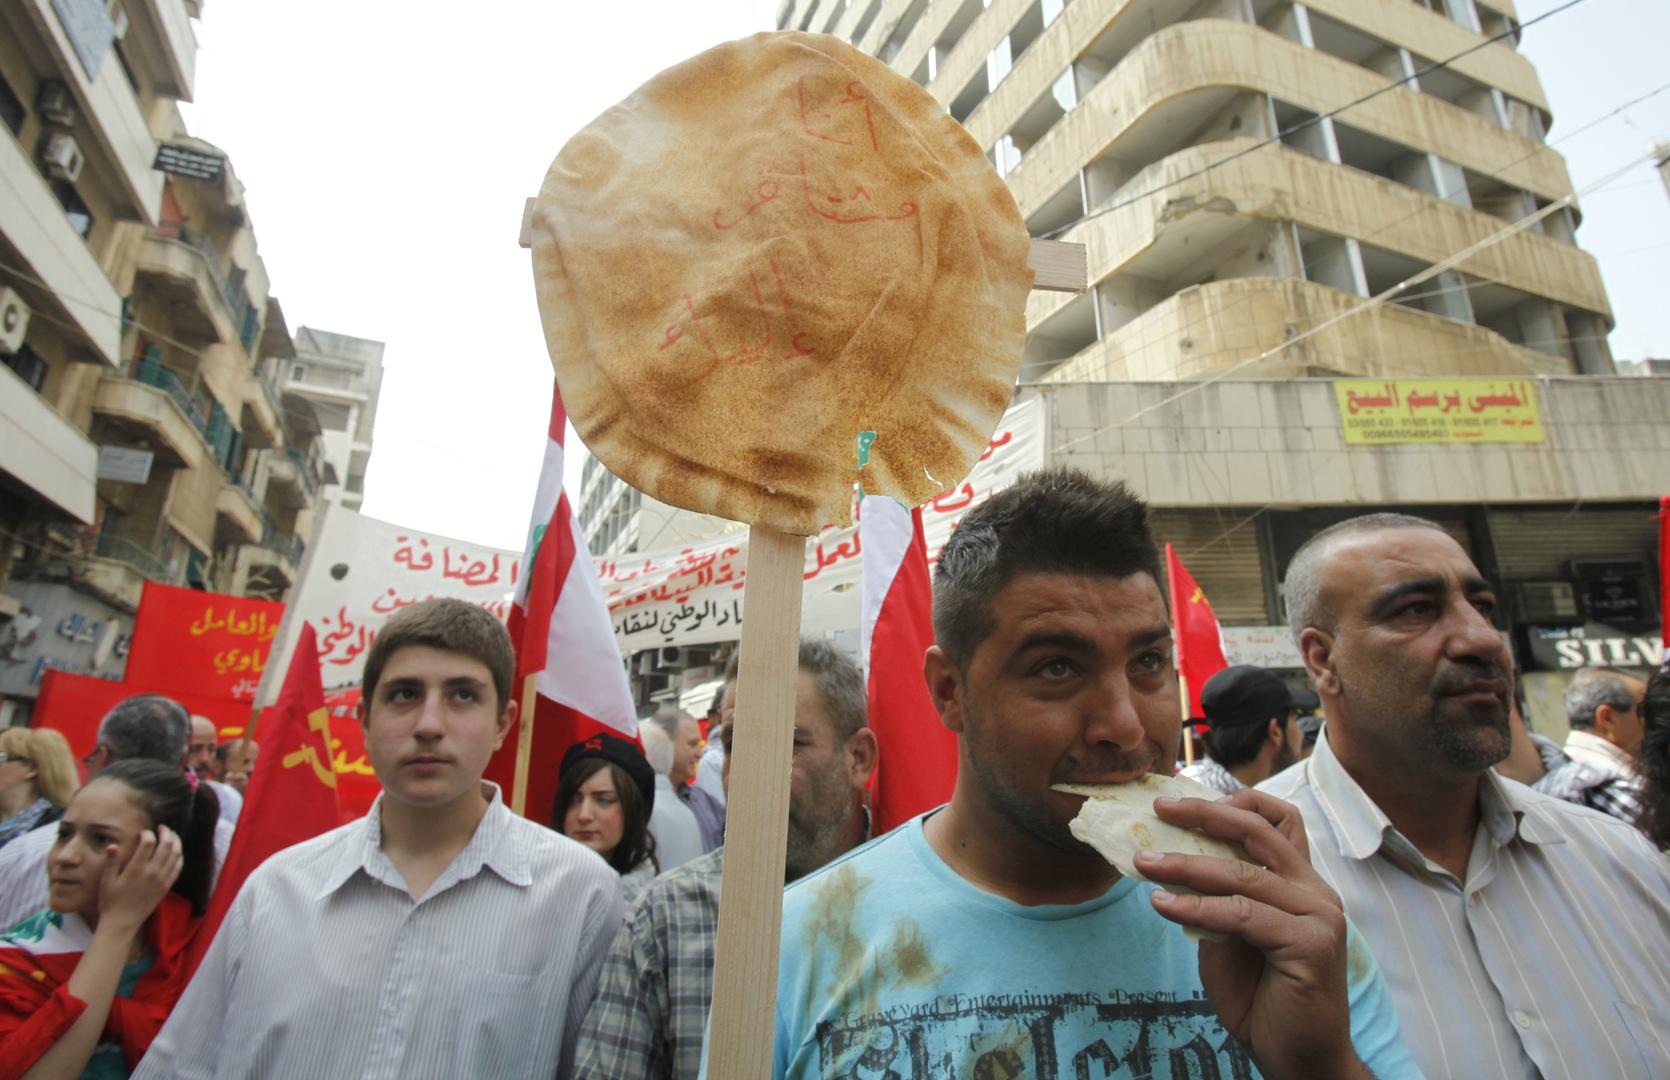 لبنان.. تحذير من أزمة رغيف بسبب فقدان المازوت